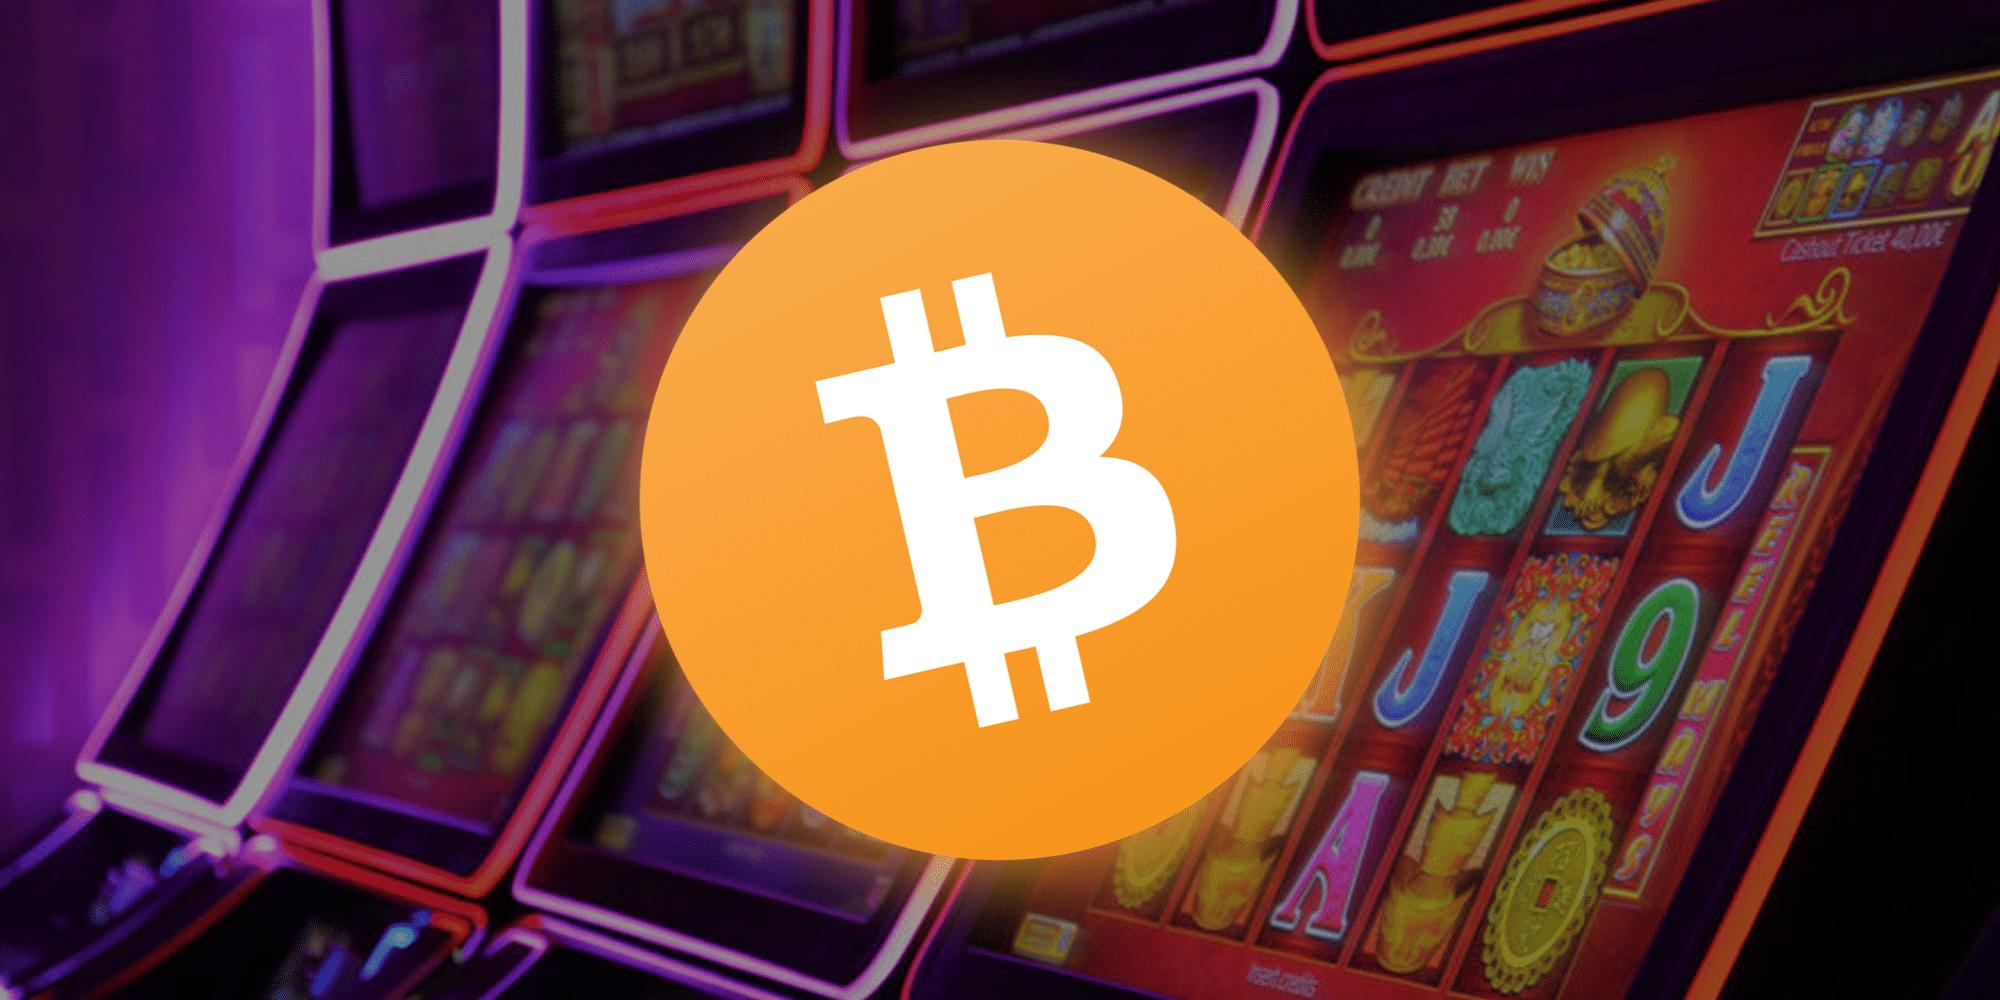 pachet de piață: bitcoin într-o gamă restrânsă de 35.000 $ 36.000 $; volumele de eter încă bat btc